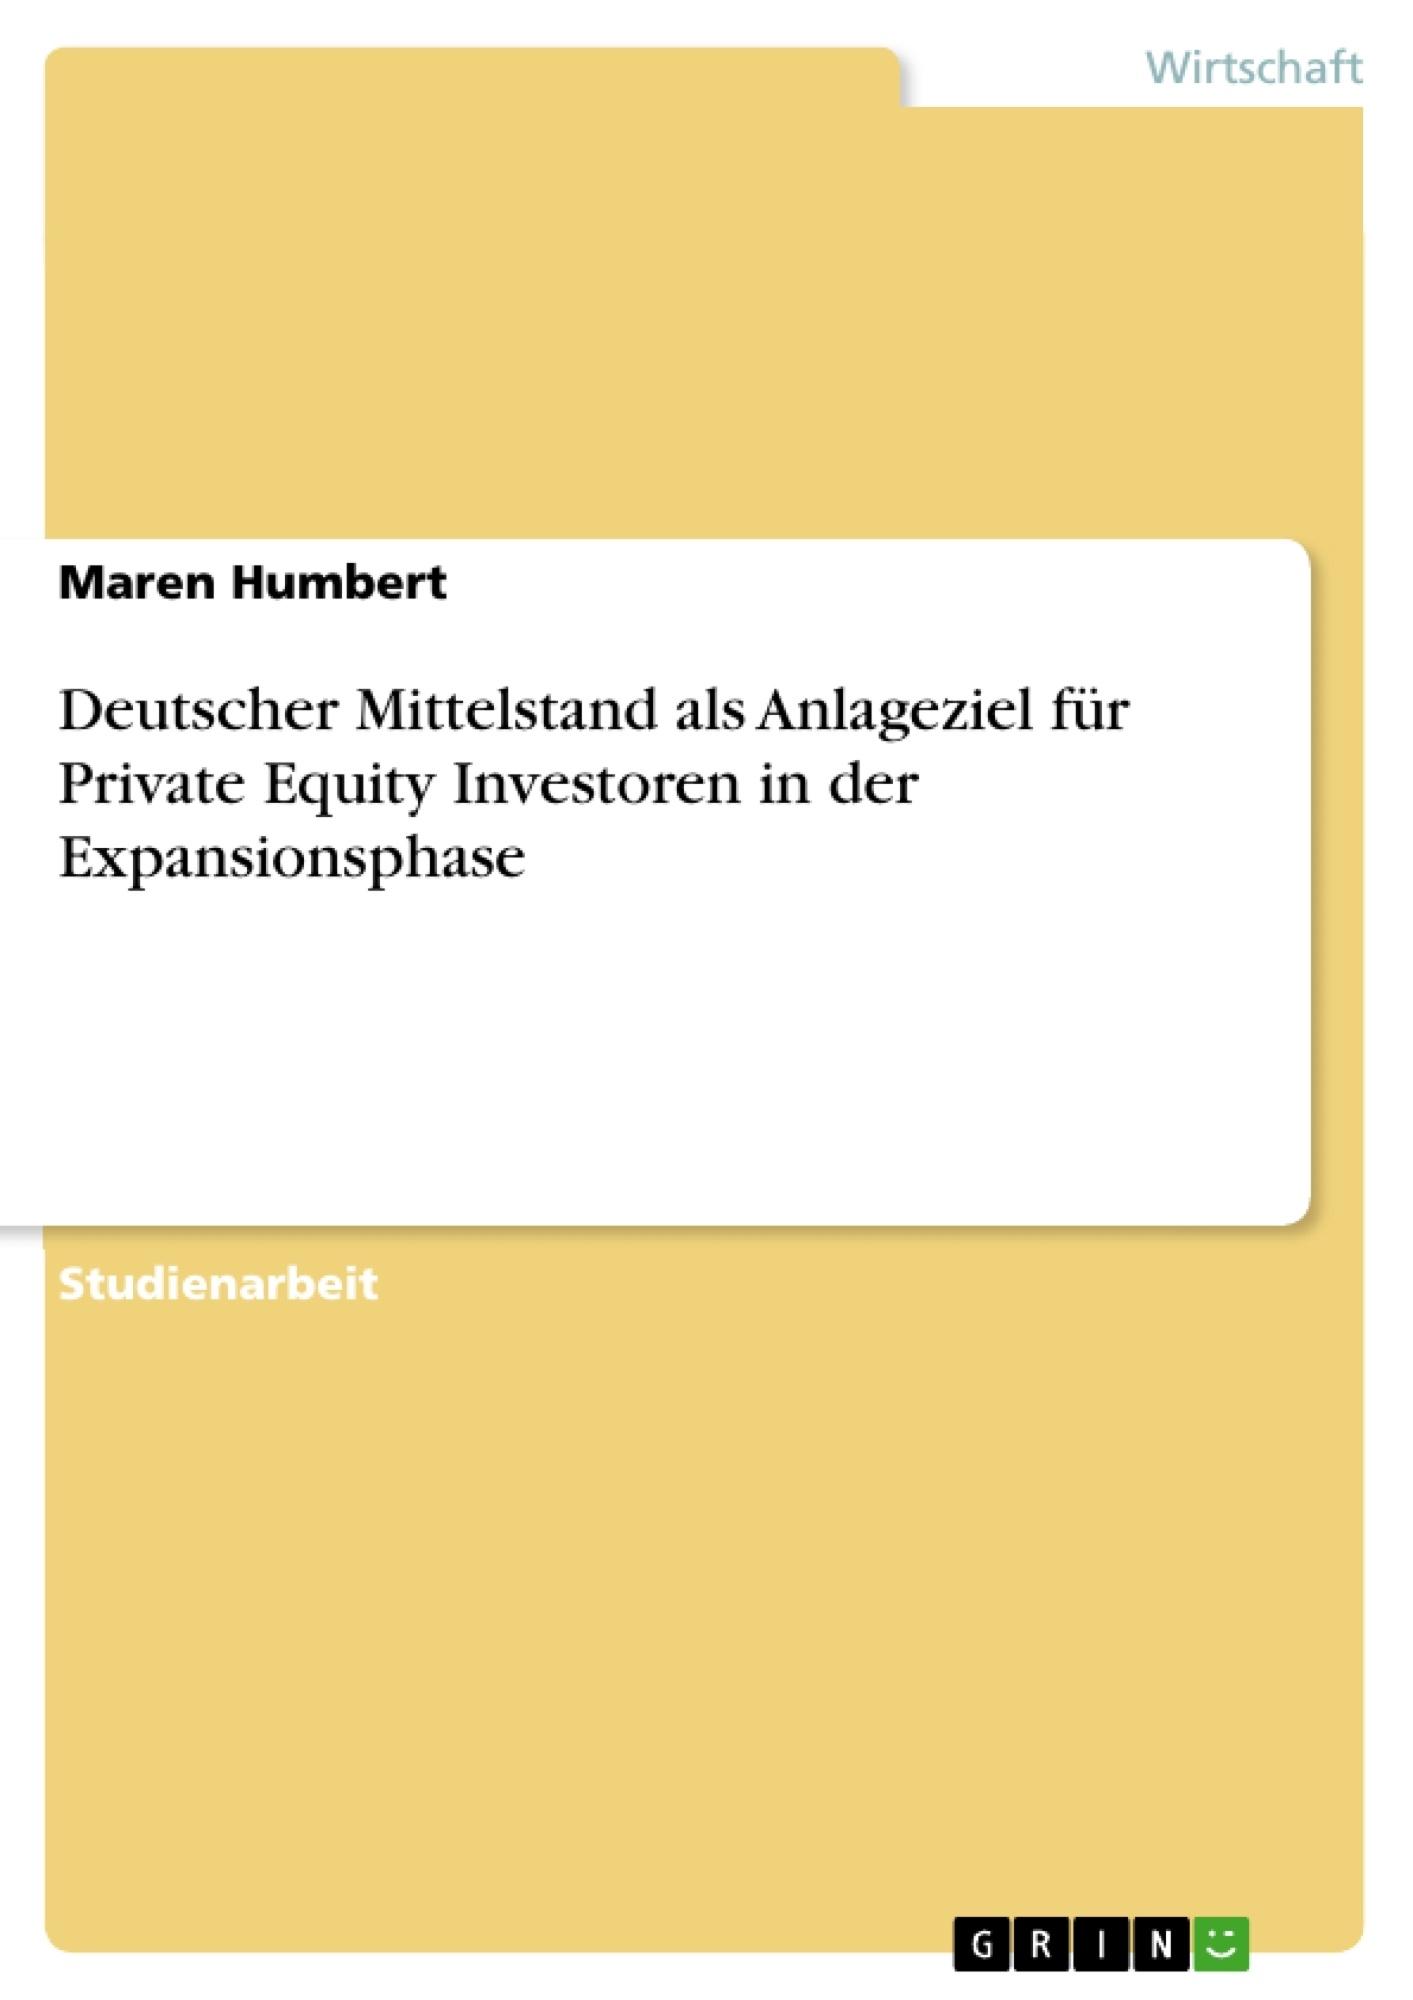 Titel: Deutscher Mittelstand als Anlageziel für Private Equity Investoren in der Expansionsphase